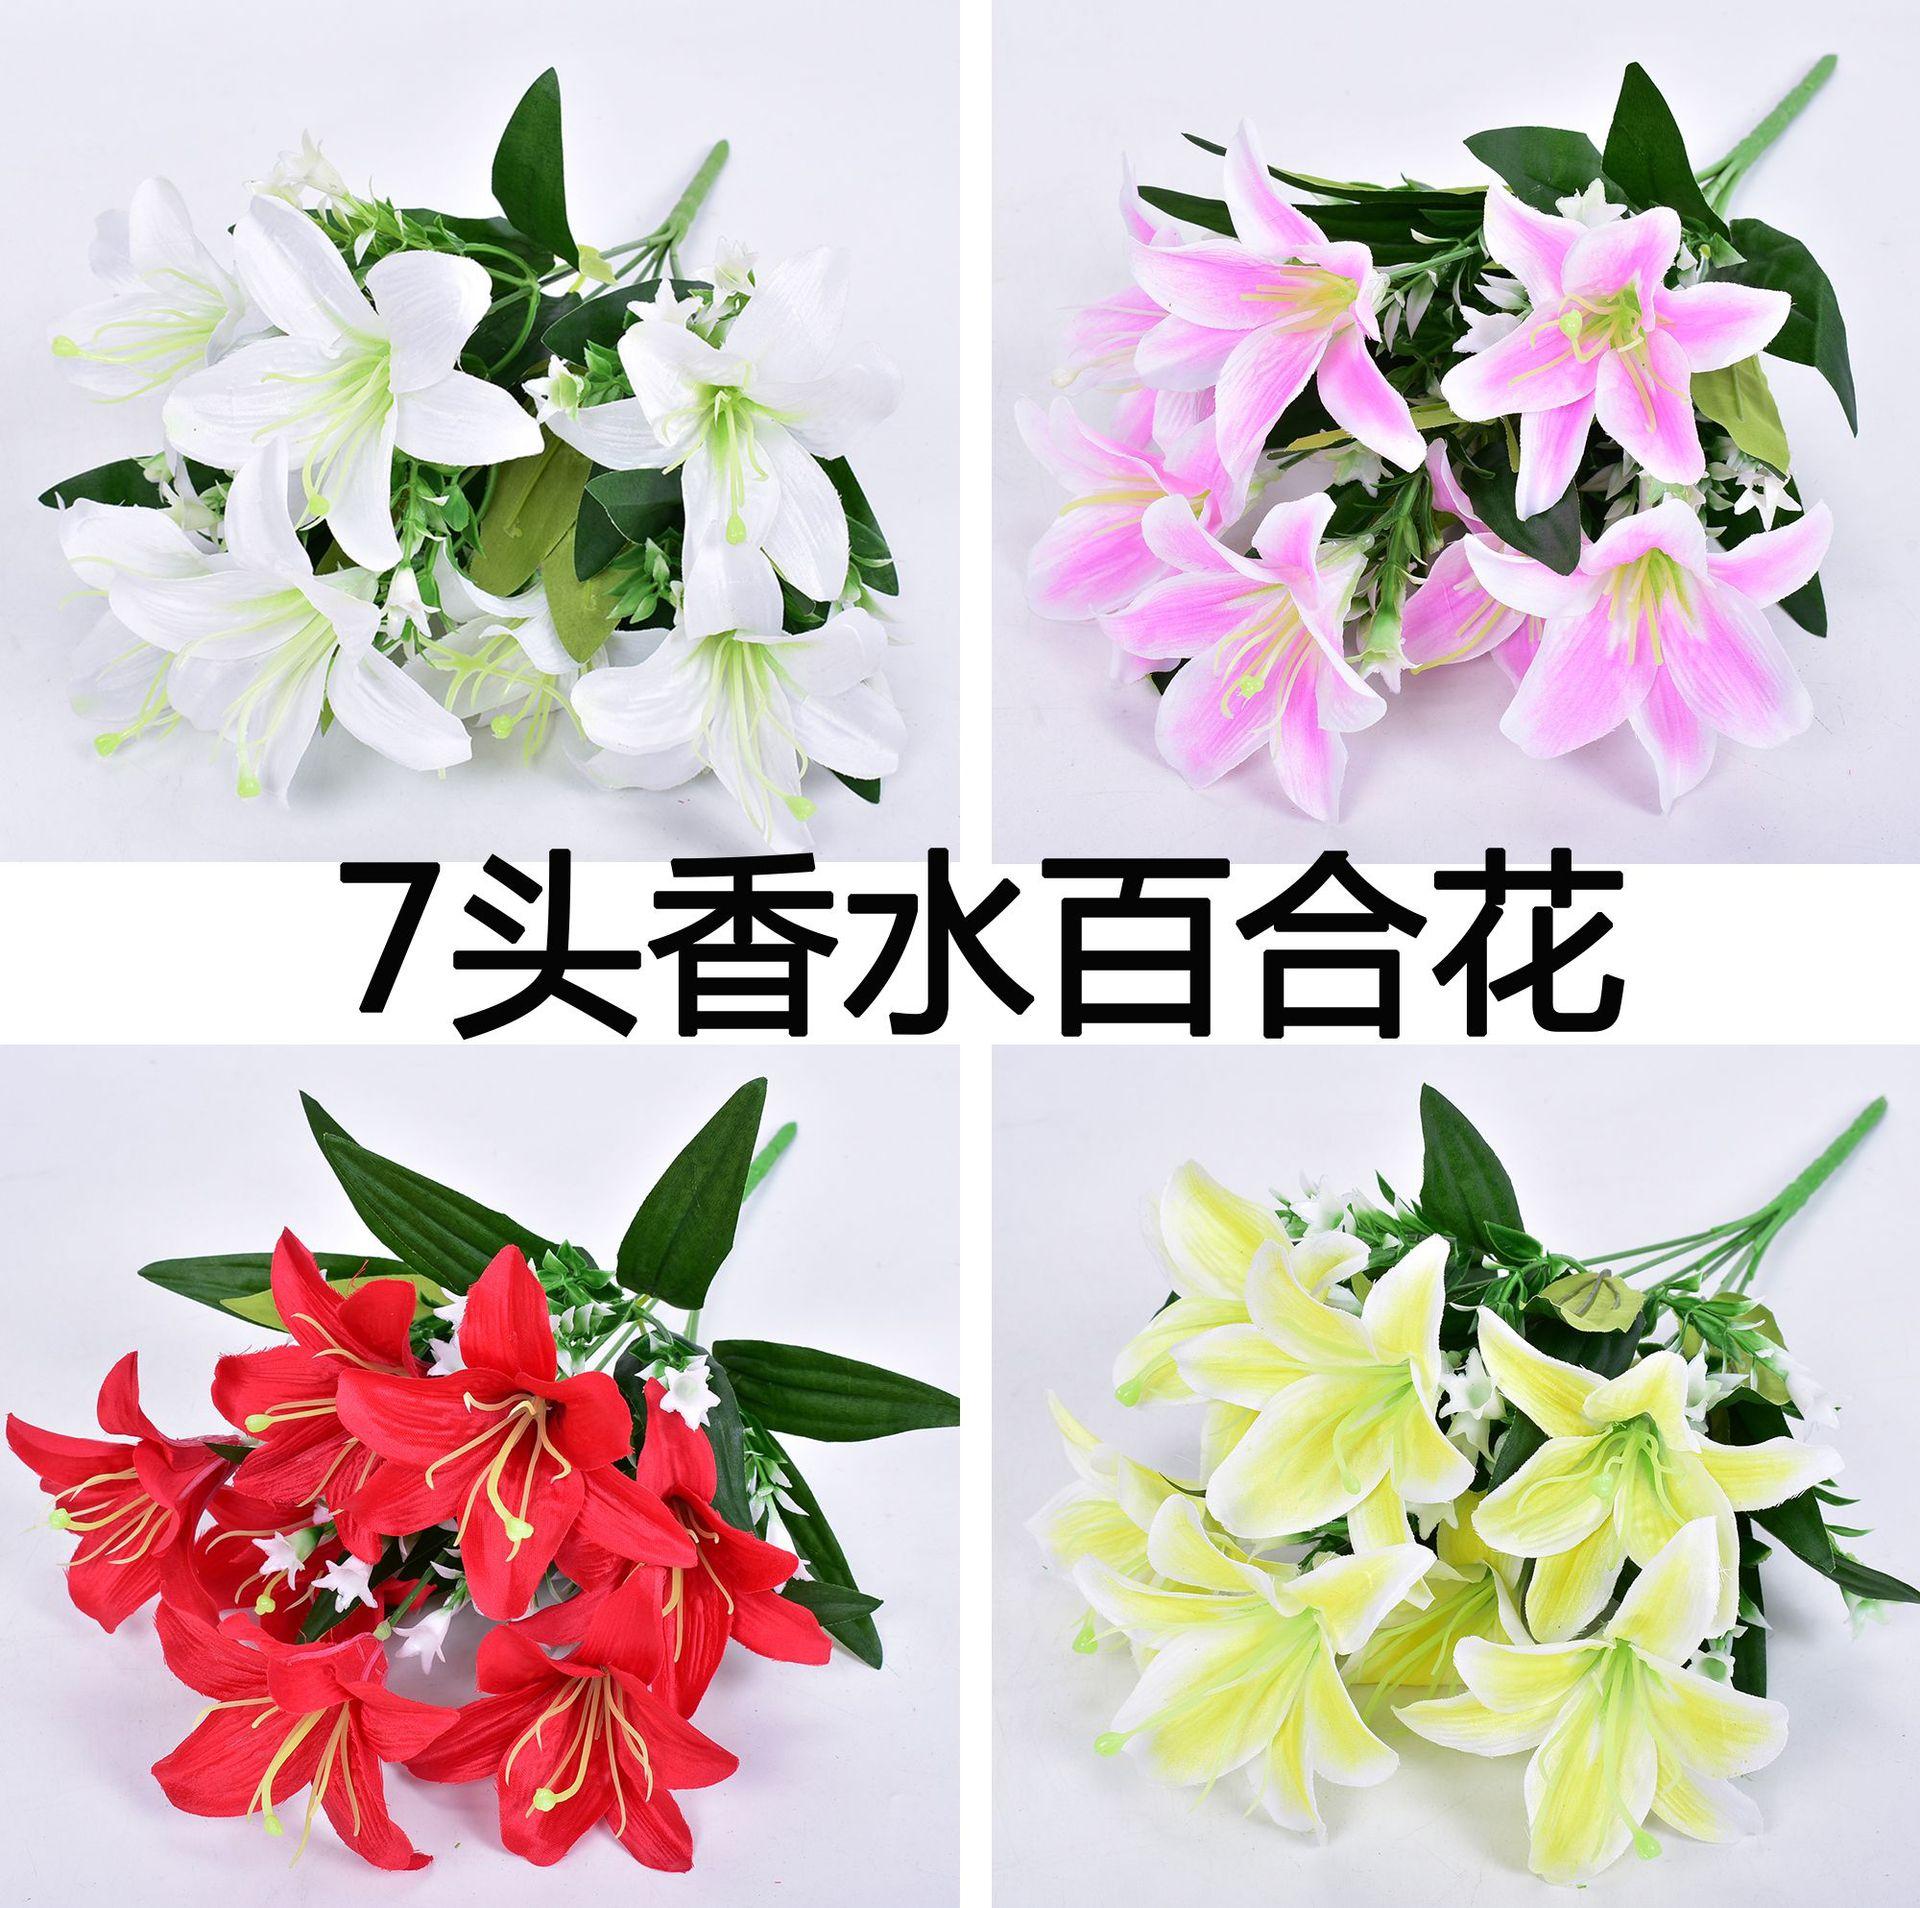 Modelo lirio ramo de flores secas mesa de salón muebles jarrón de flores artificiales arreglo de flores decorativas para interiores